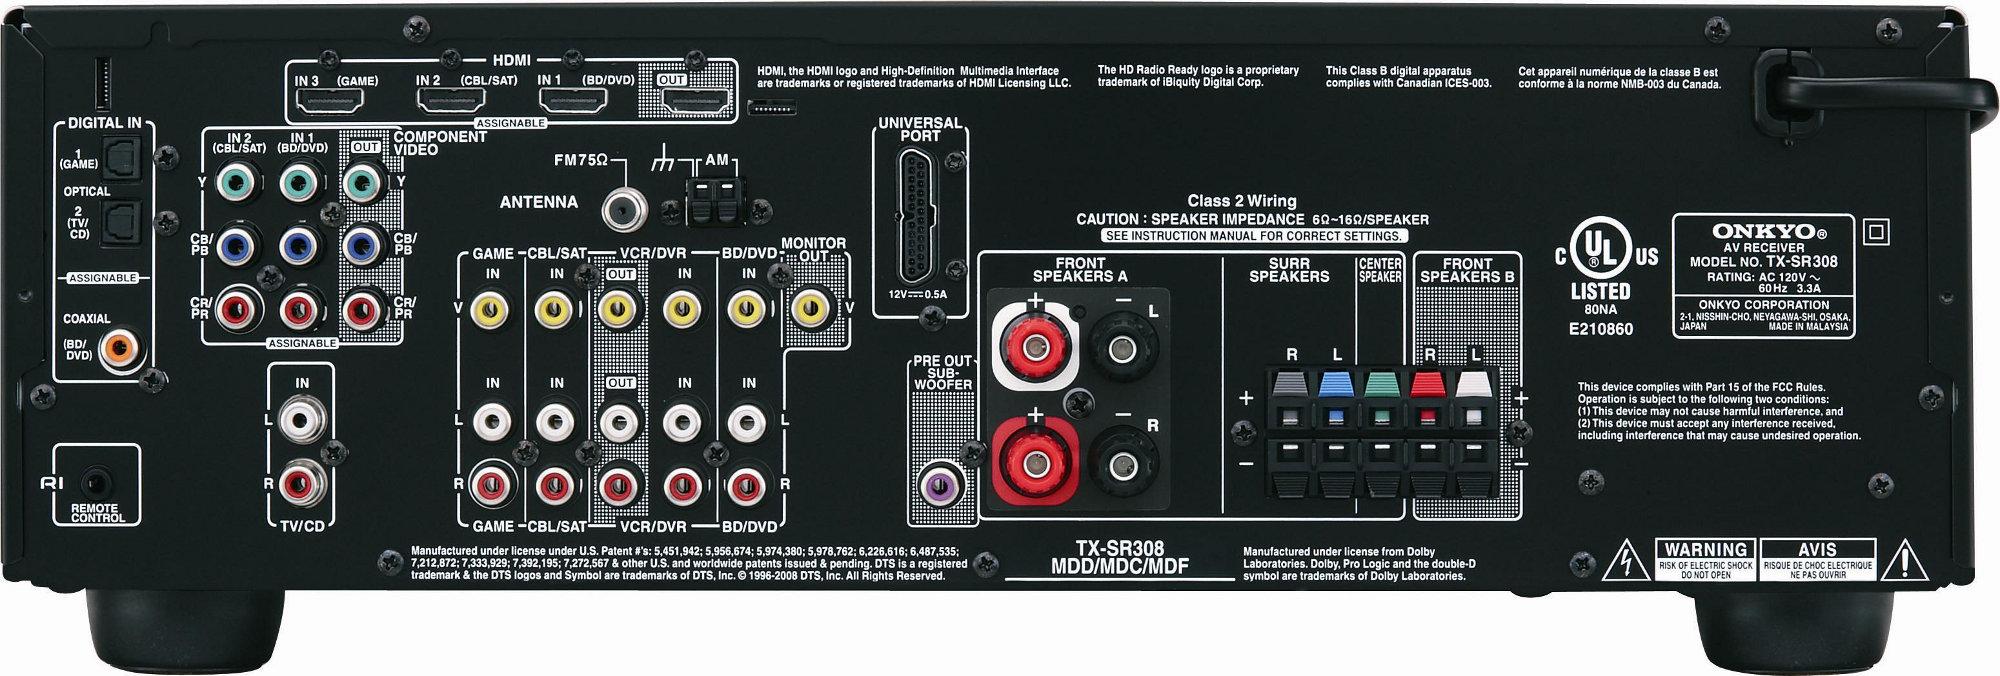 Yamaha Rx Vservice Manual